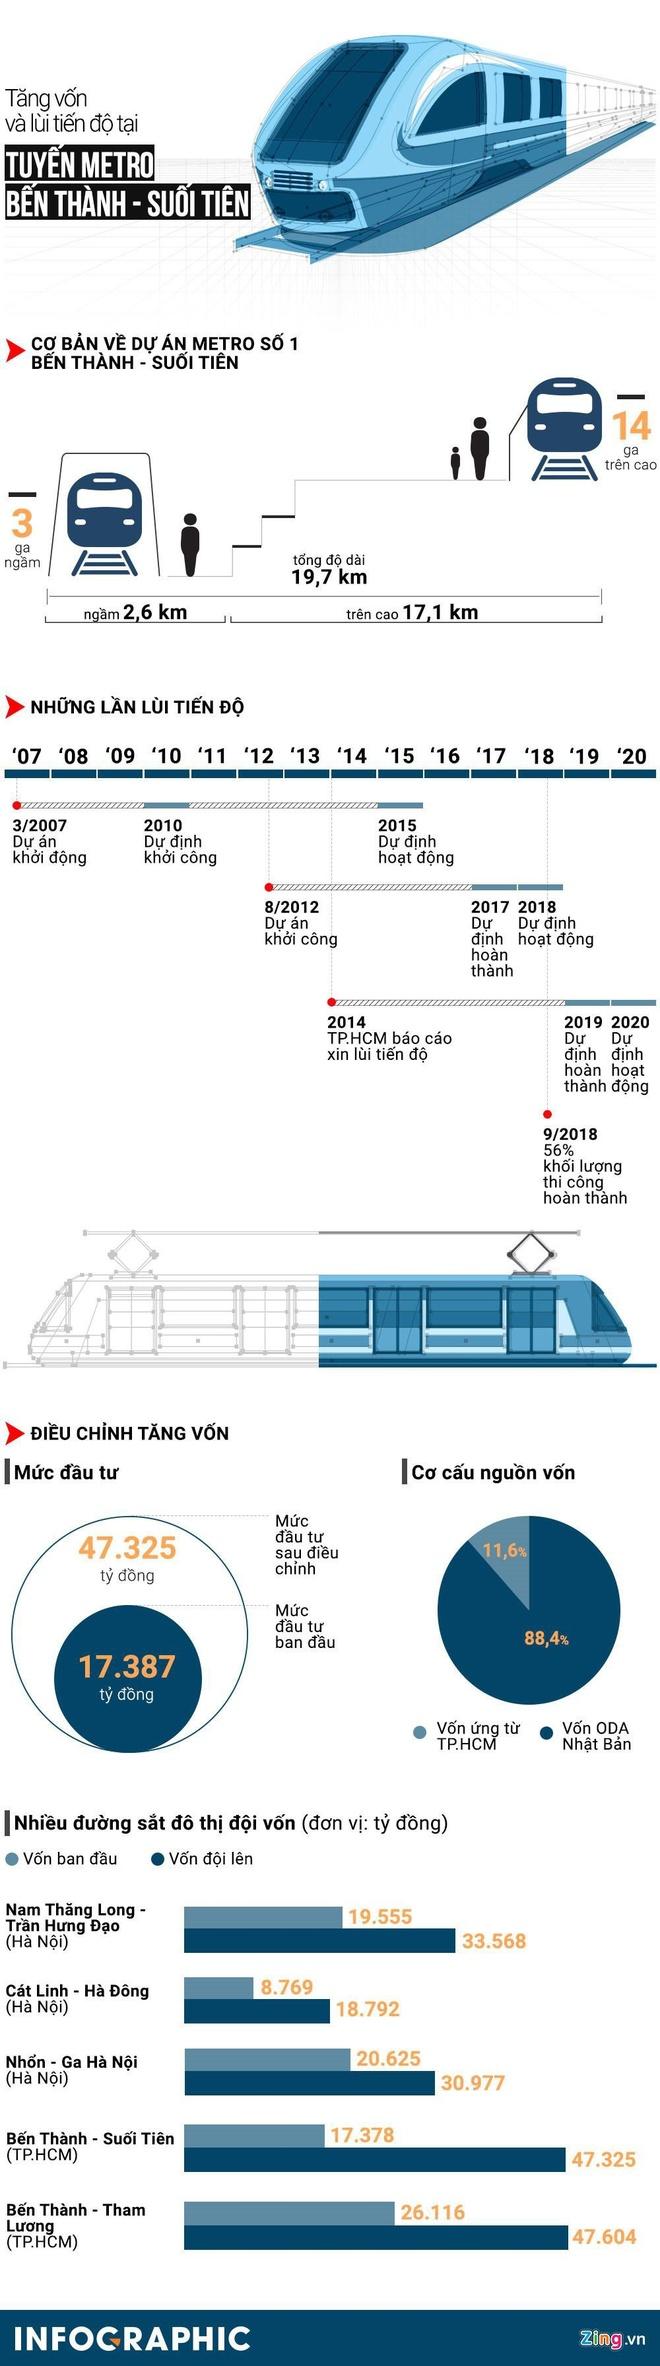 Nhân viên tuyến metro số 1 sẽ qua Nhật Bản học cách vận hành - 3